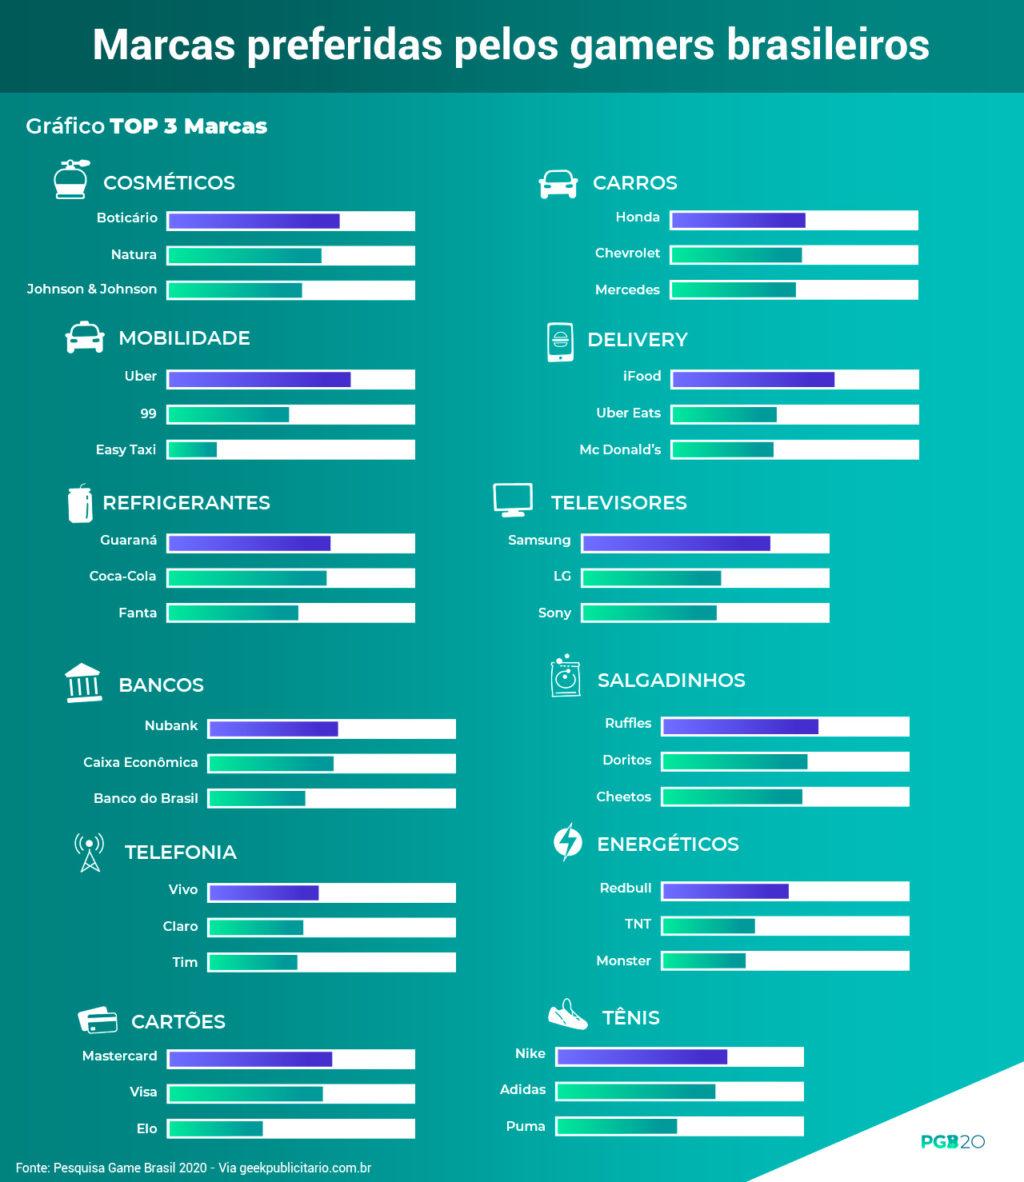 Imagem revela marcas preferidas em cada uma das 12 categorias da Pesquisa Game Brasil 2020